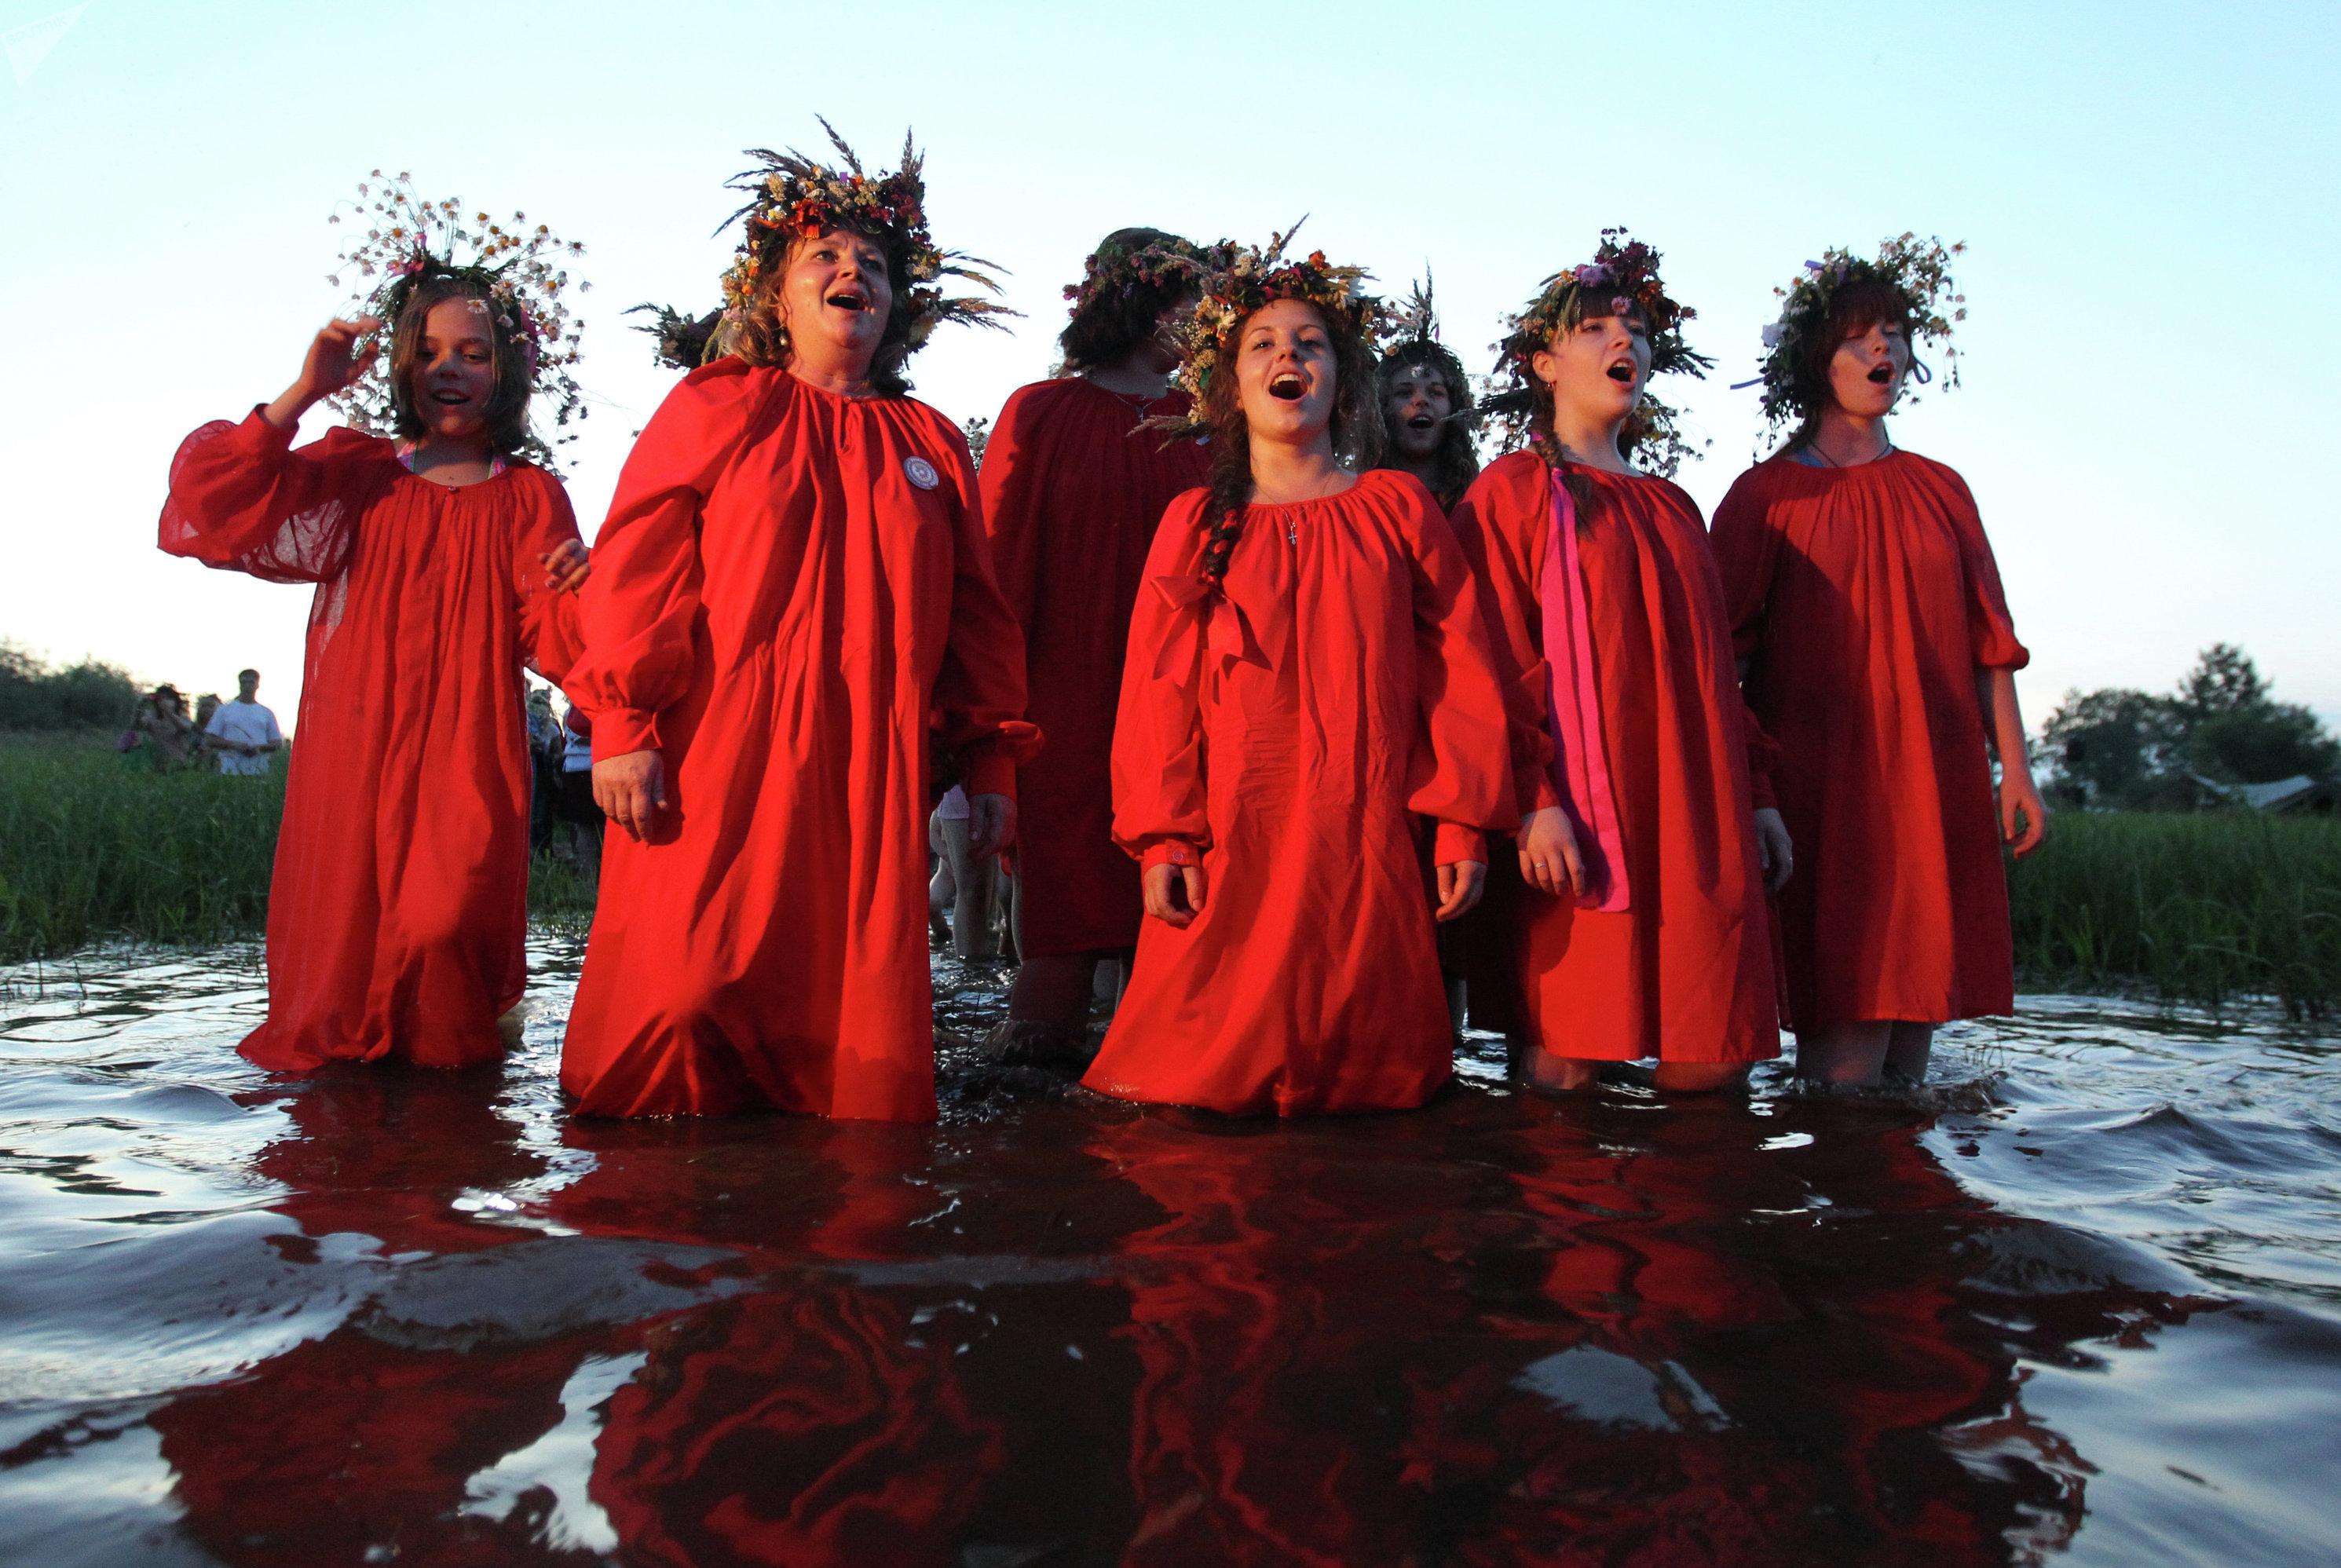 Célébration de la fête païenne de Koupala, archives